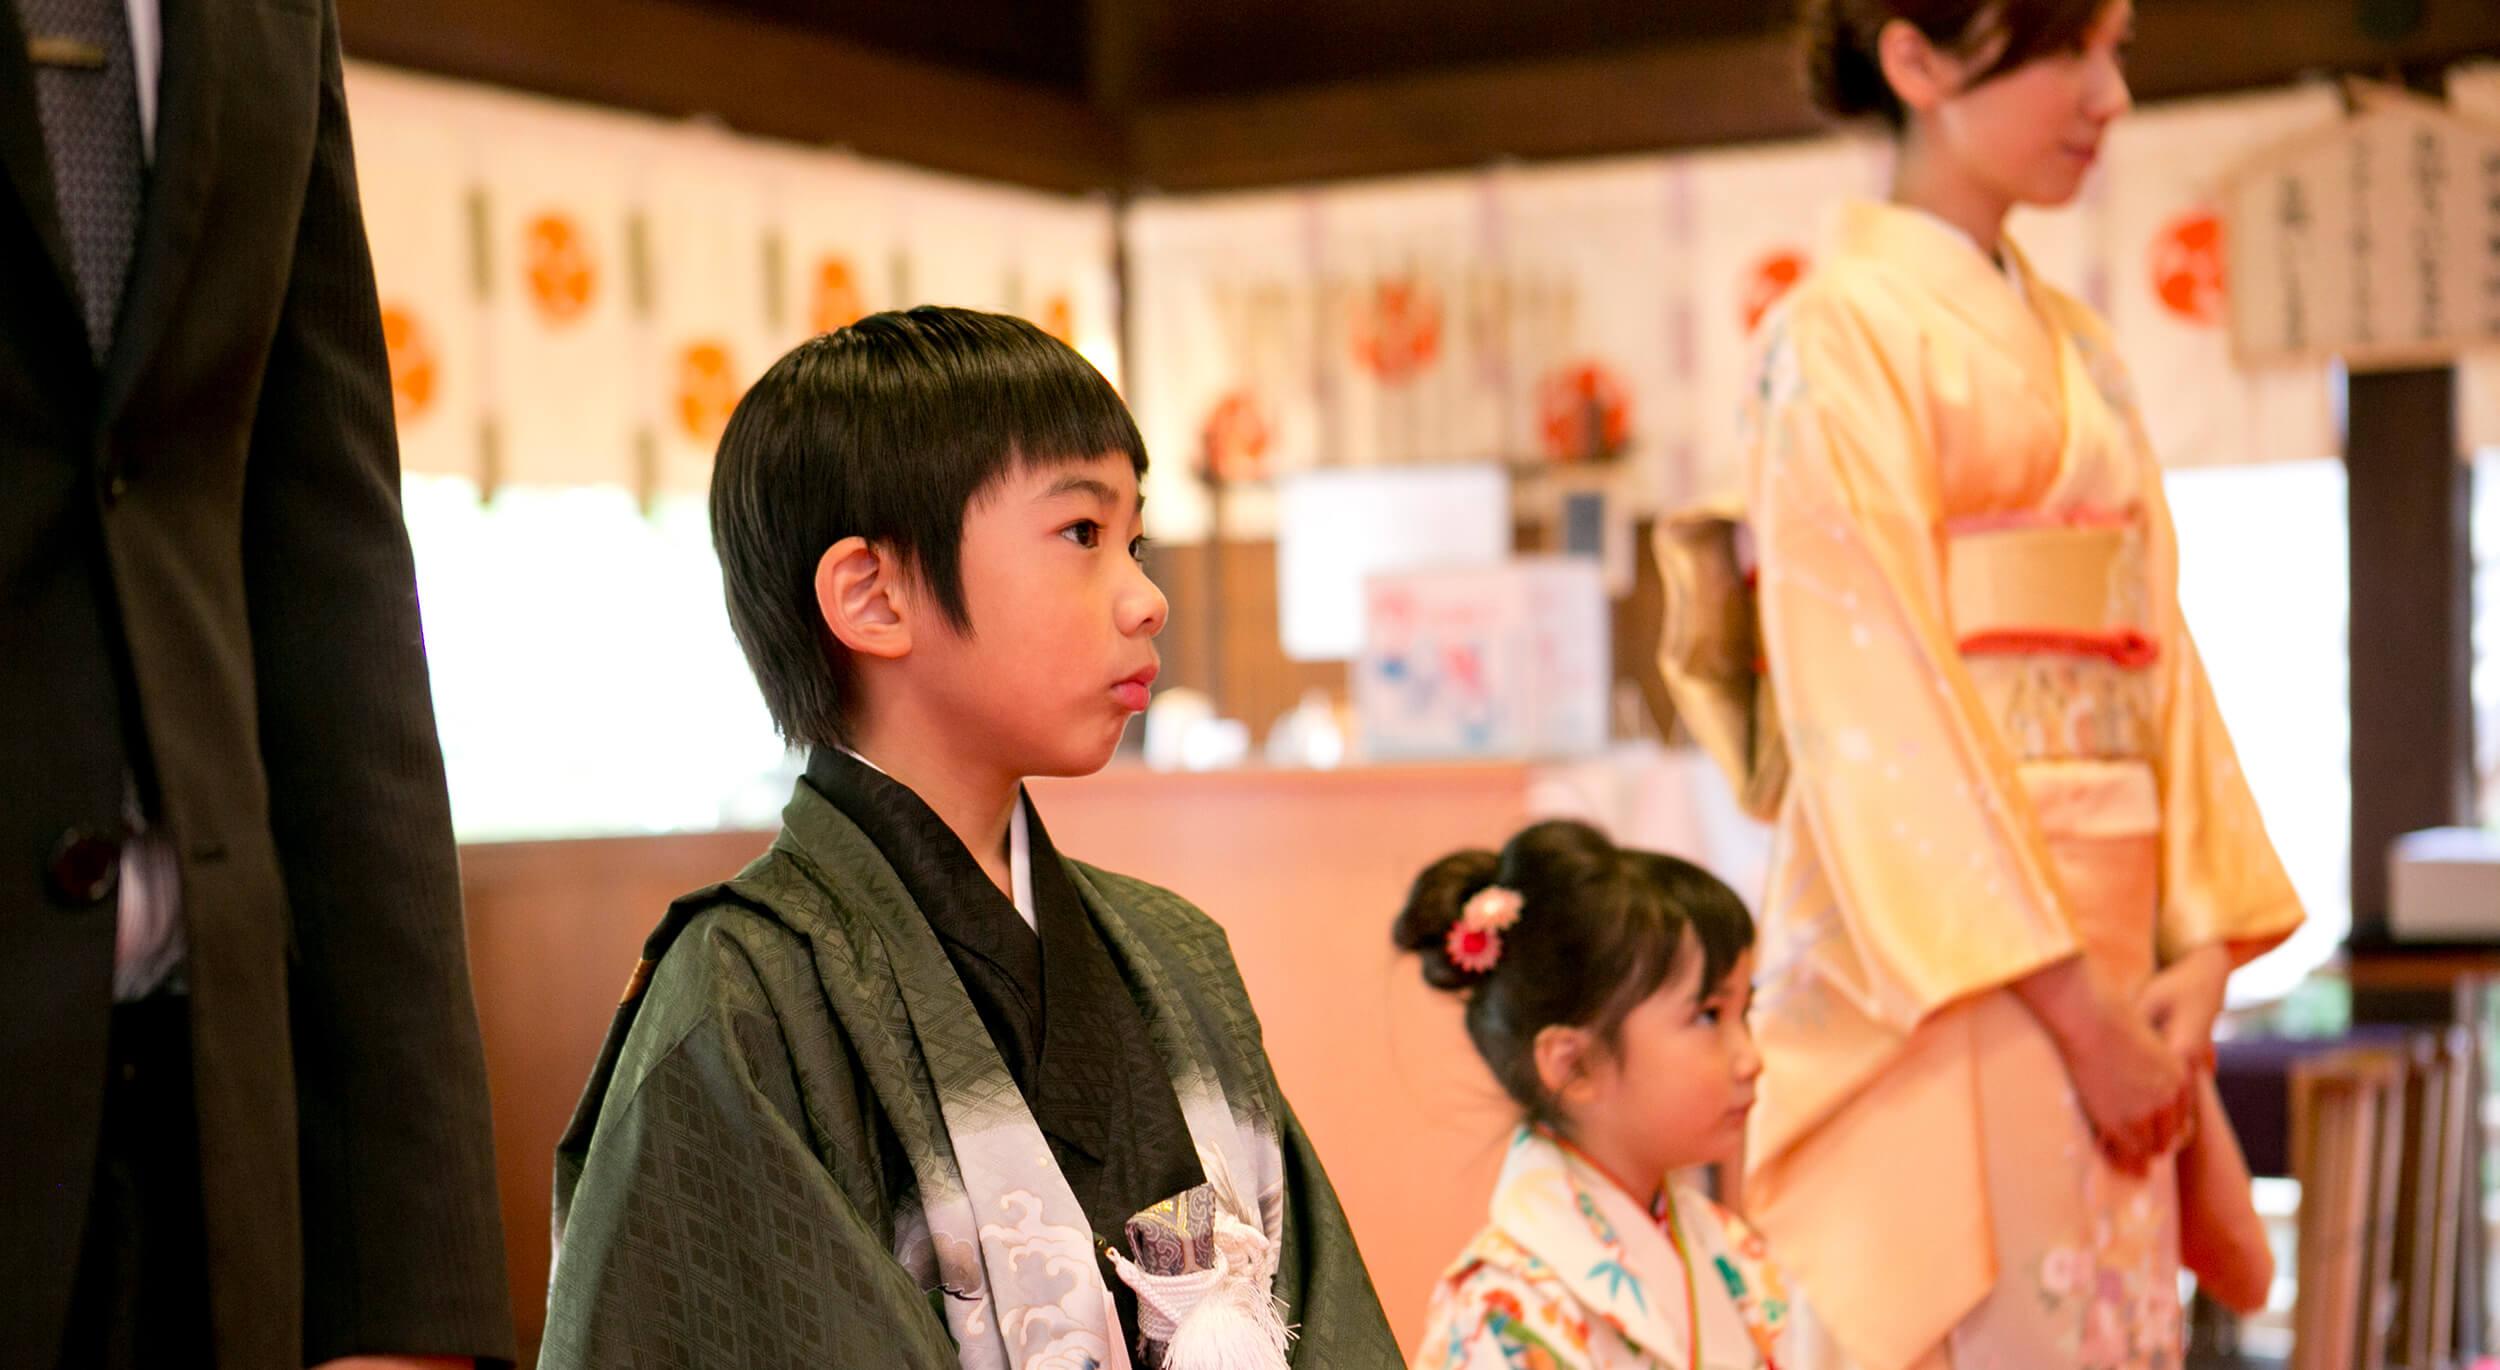 七五三詣期間中、お祝い太鼓を鋪設しております。お子様の年の数だけ打ち鳴らし、邪気を祓いましょう。